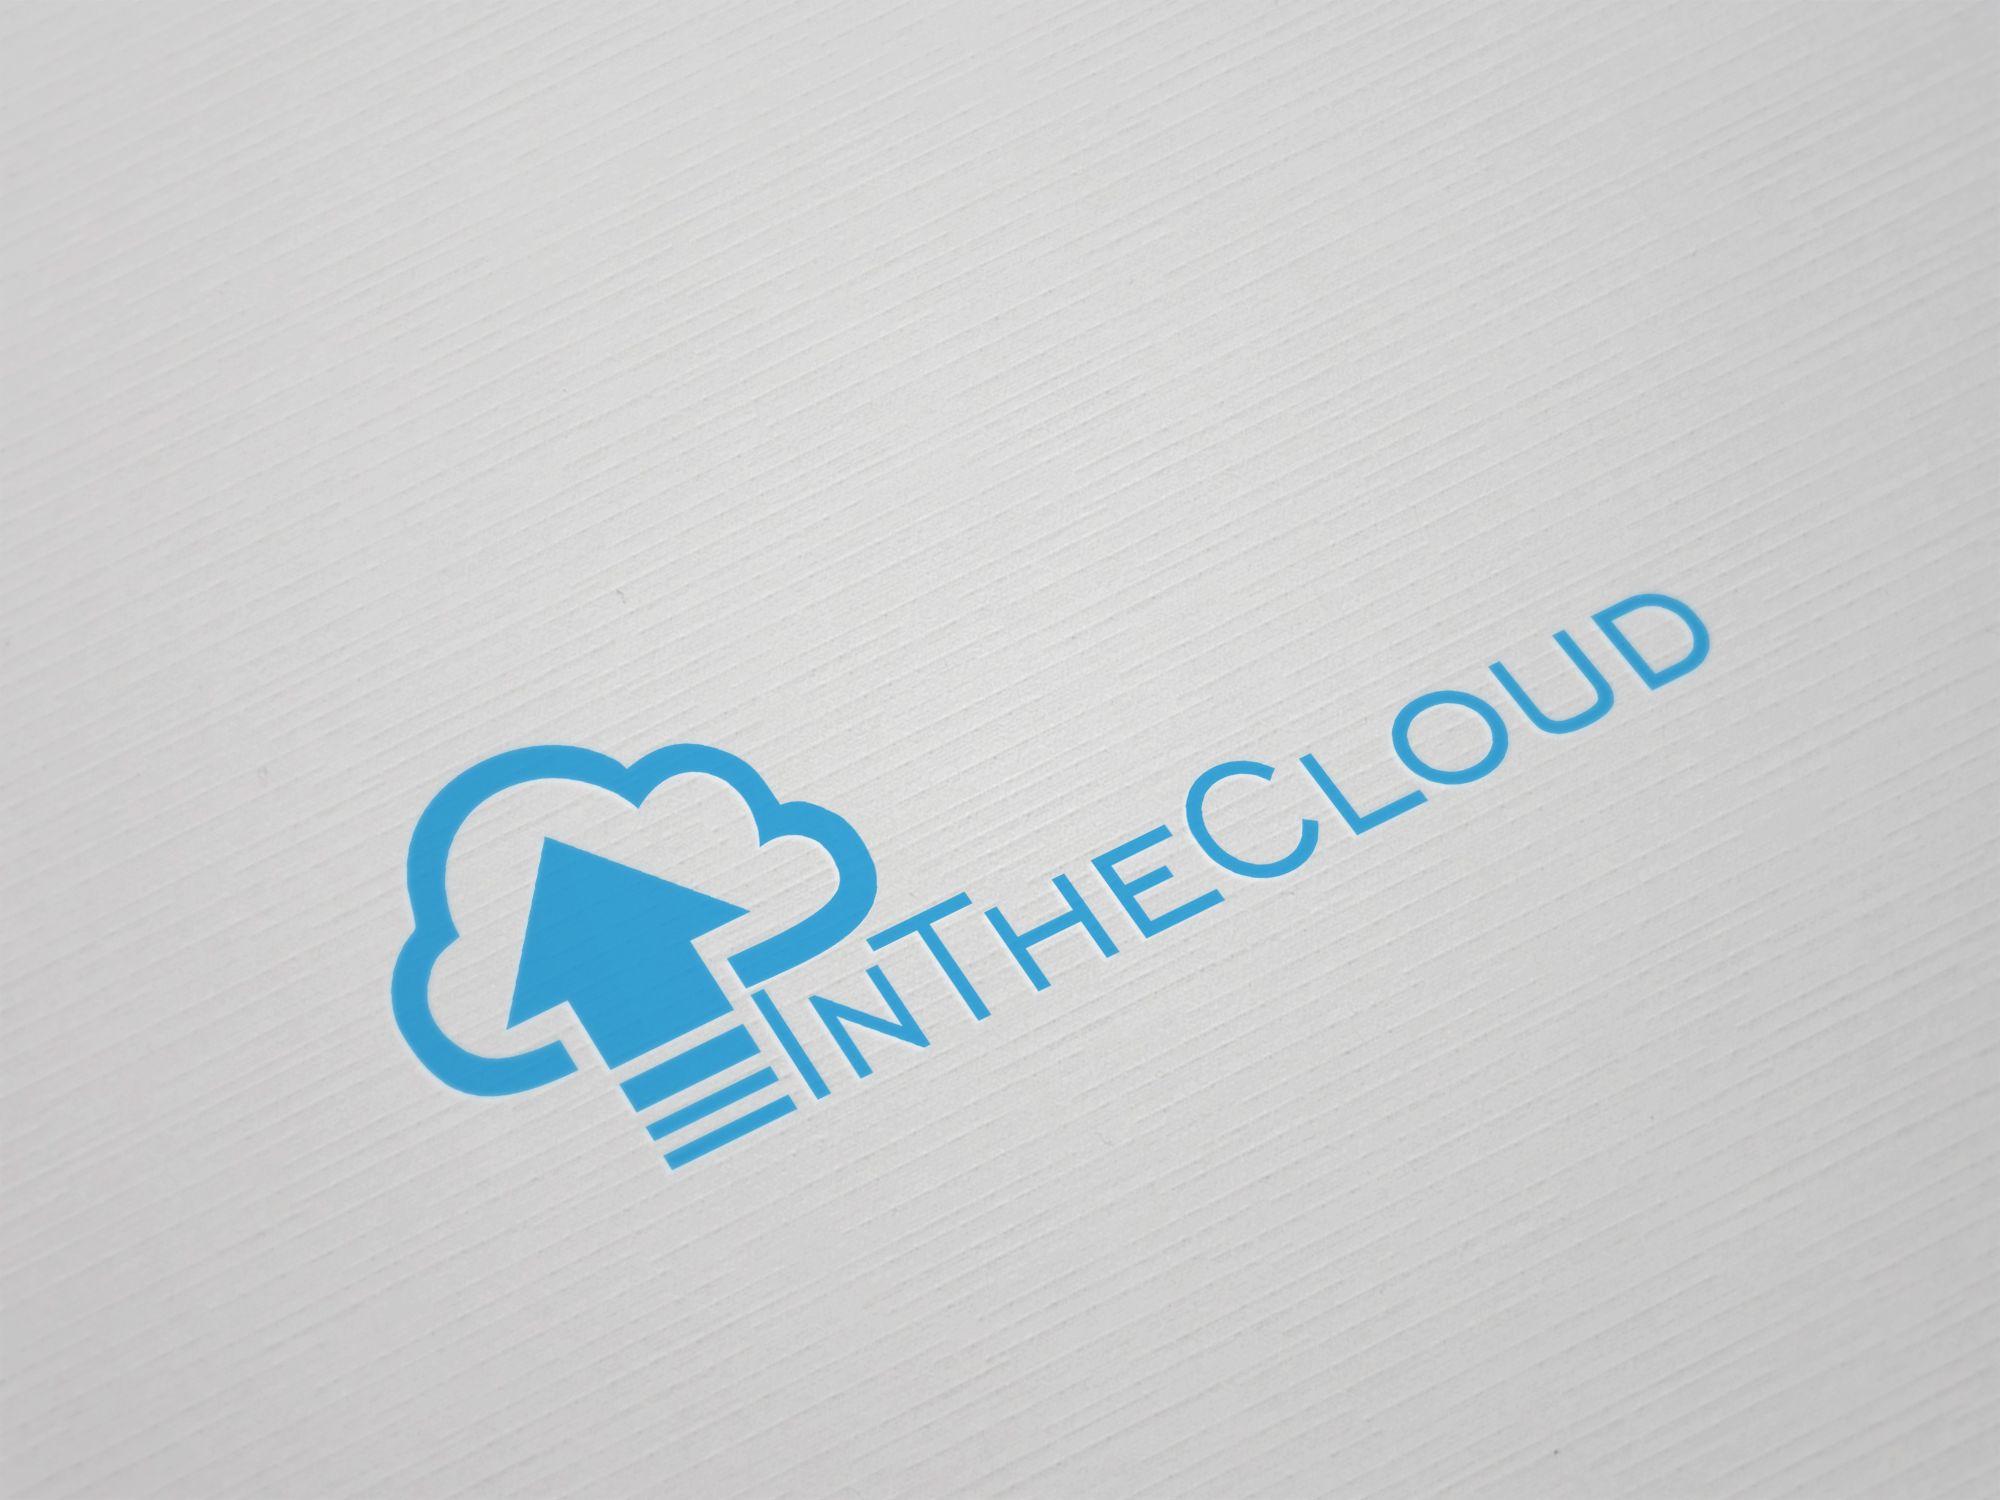 Логотип ИТ-компании InTheCloud - дизайнер Lepata